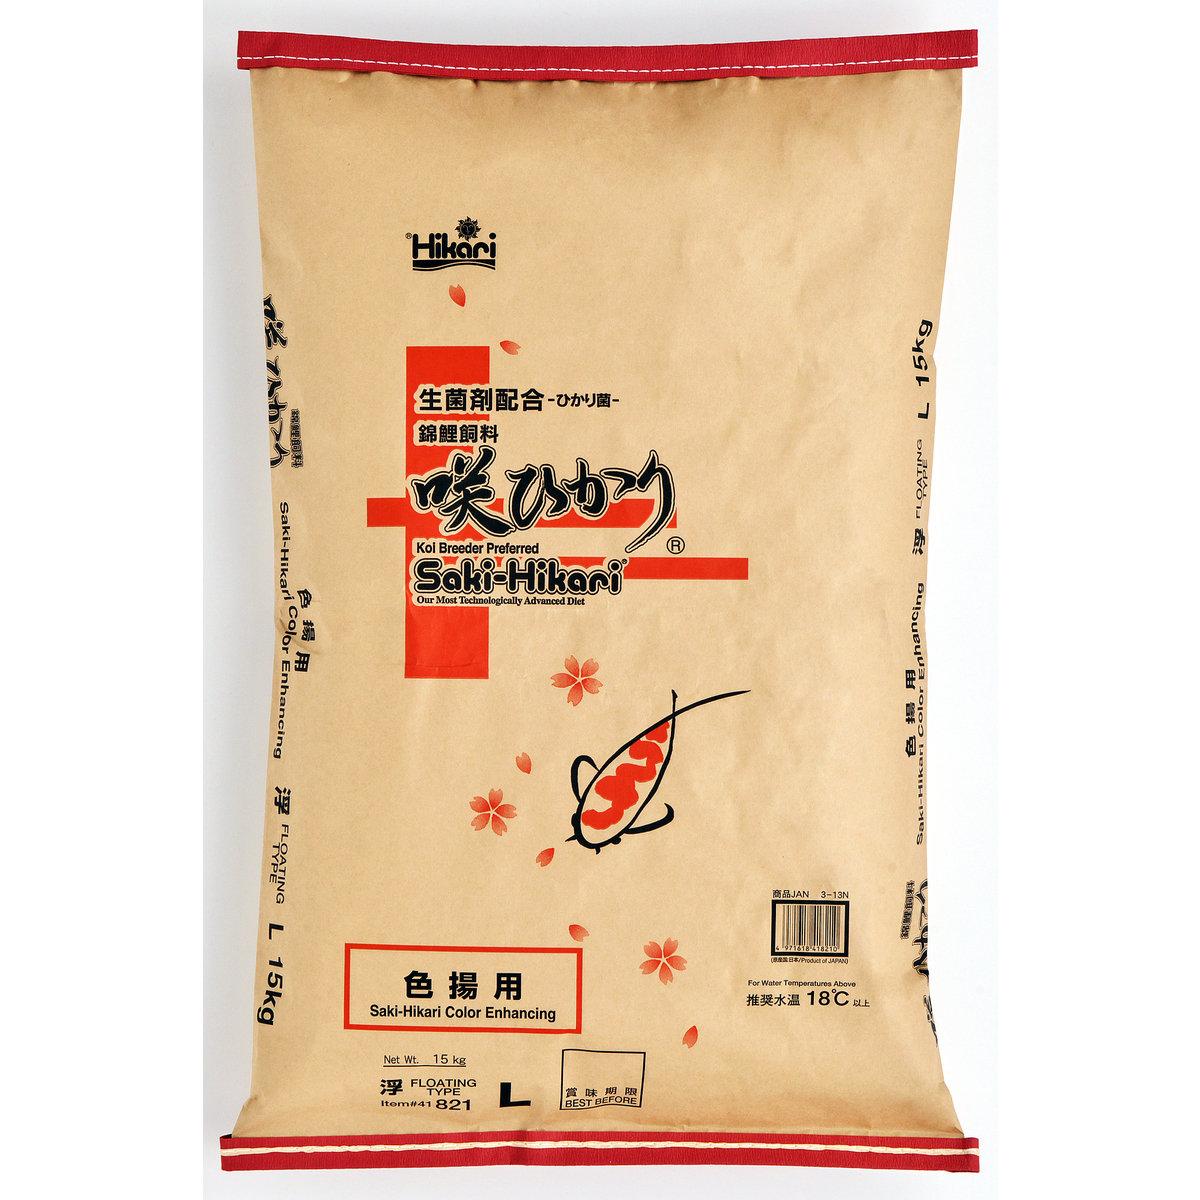 キョーリン 咲ひかり 色揚用 浮上 L 錦鯉用 15kg【色揚】【成長】【消化】【送料無料】